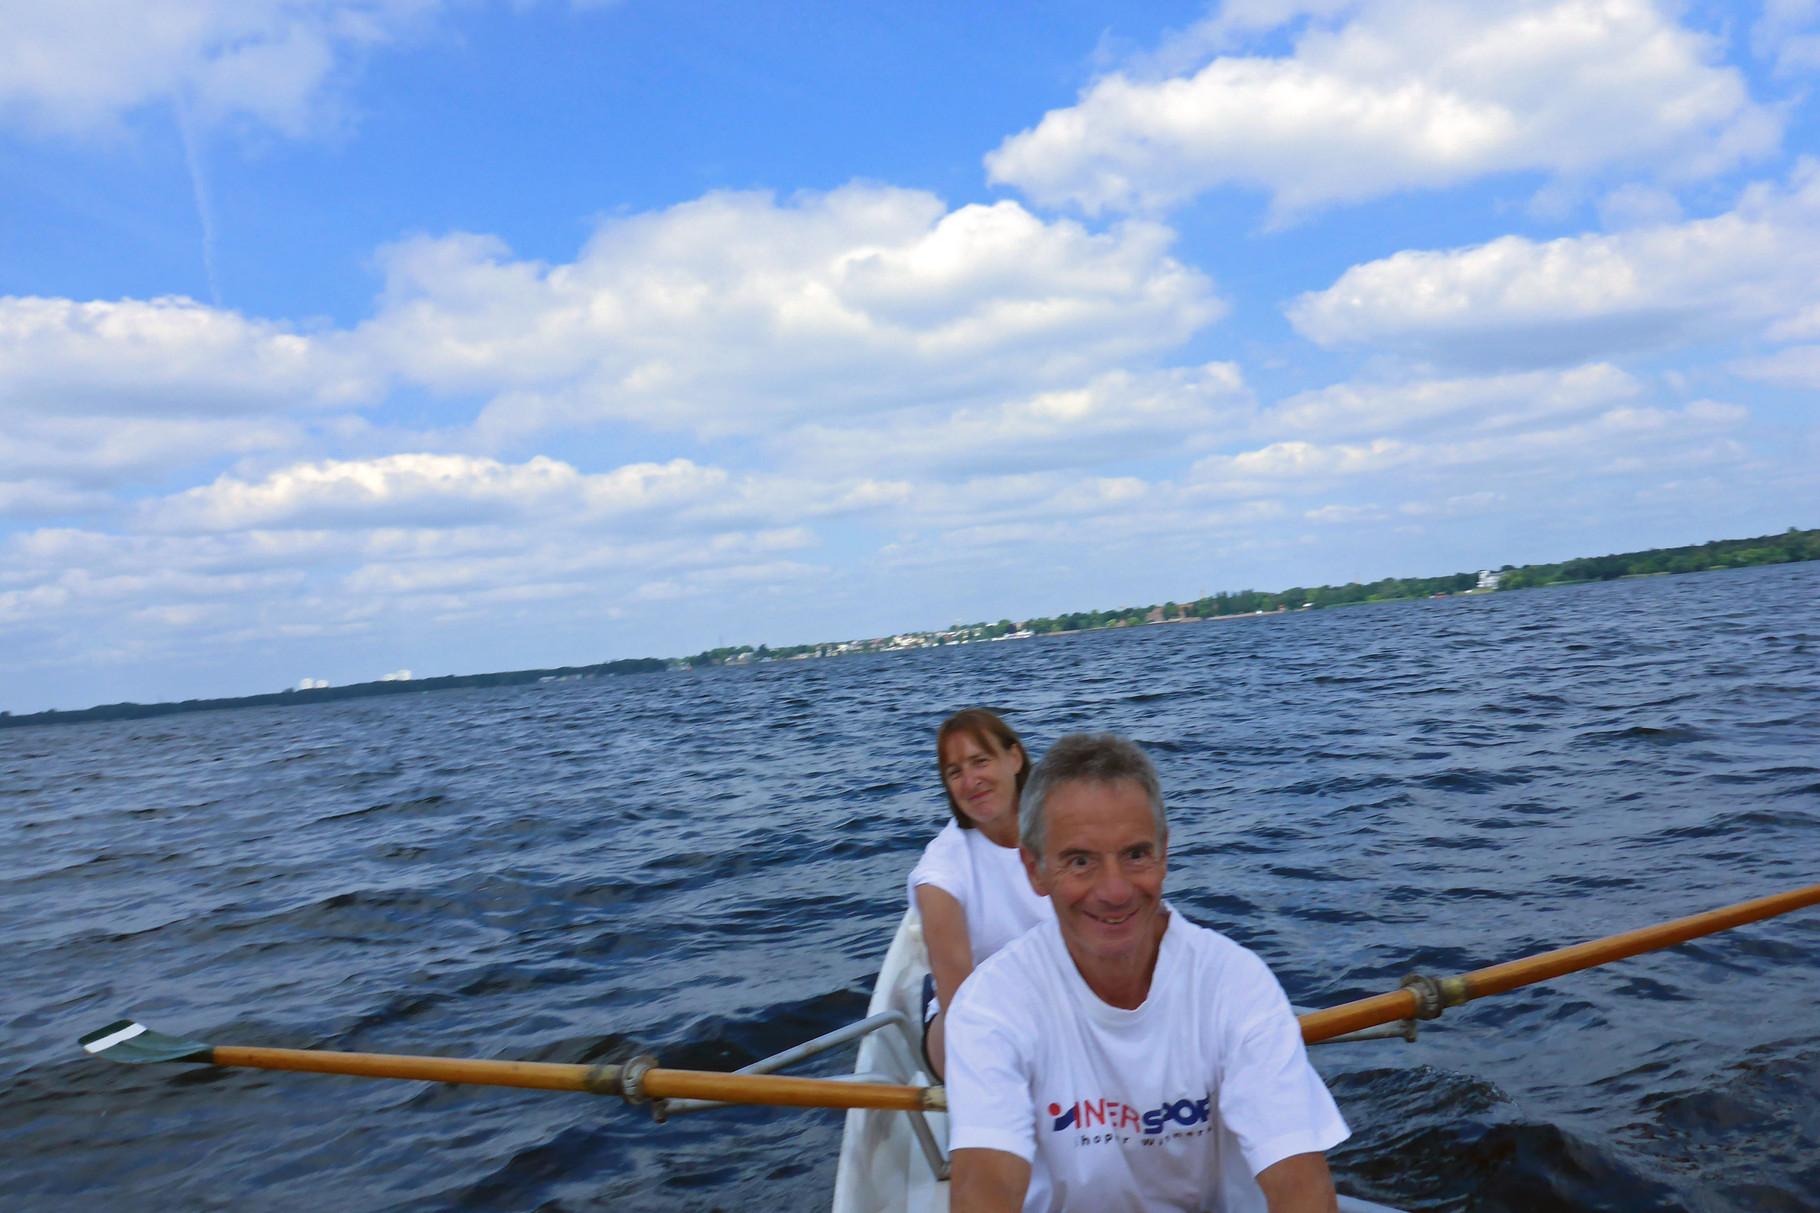 Gute Laune an Bord bei leichtem Wind und Wellen.